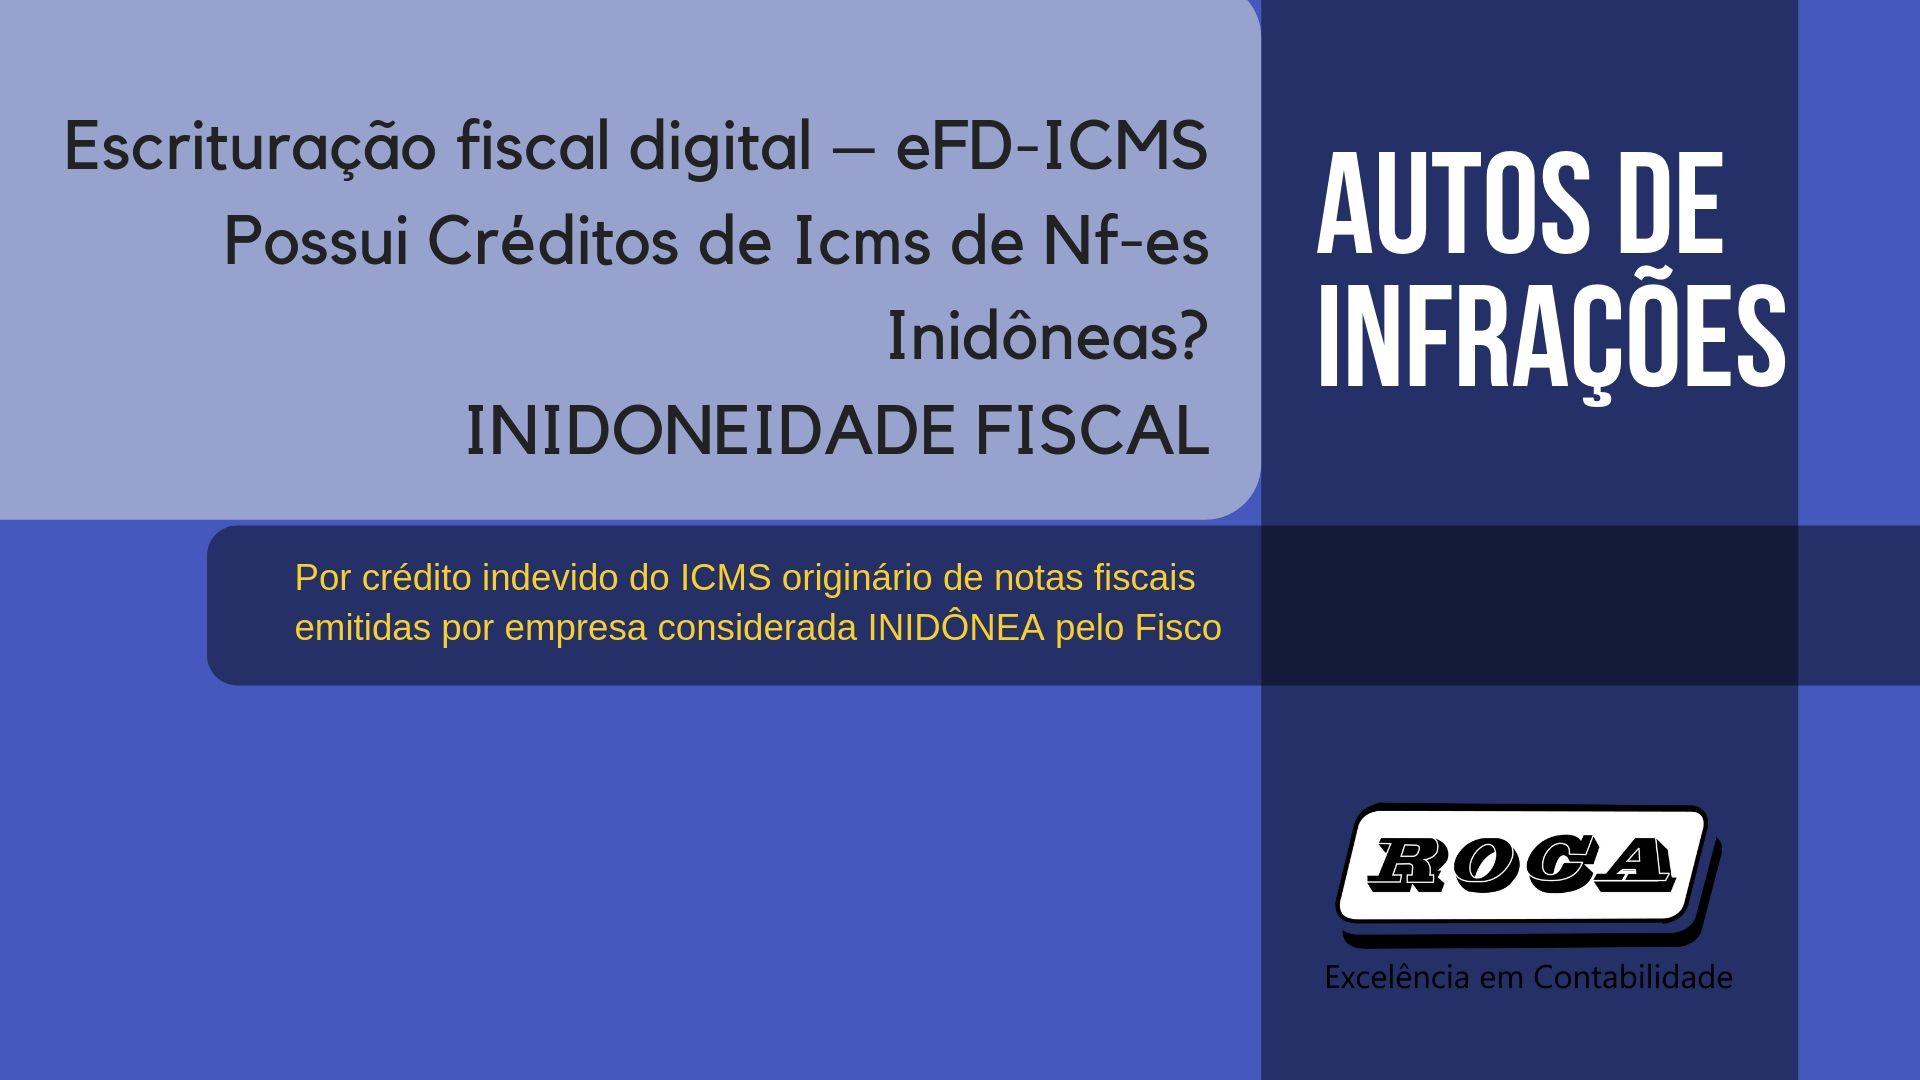 Escrituração Fiscal Digital – EFD-ICMS Possui Créditos De Icms De Nf-es Inidôneas?